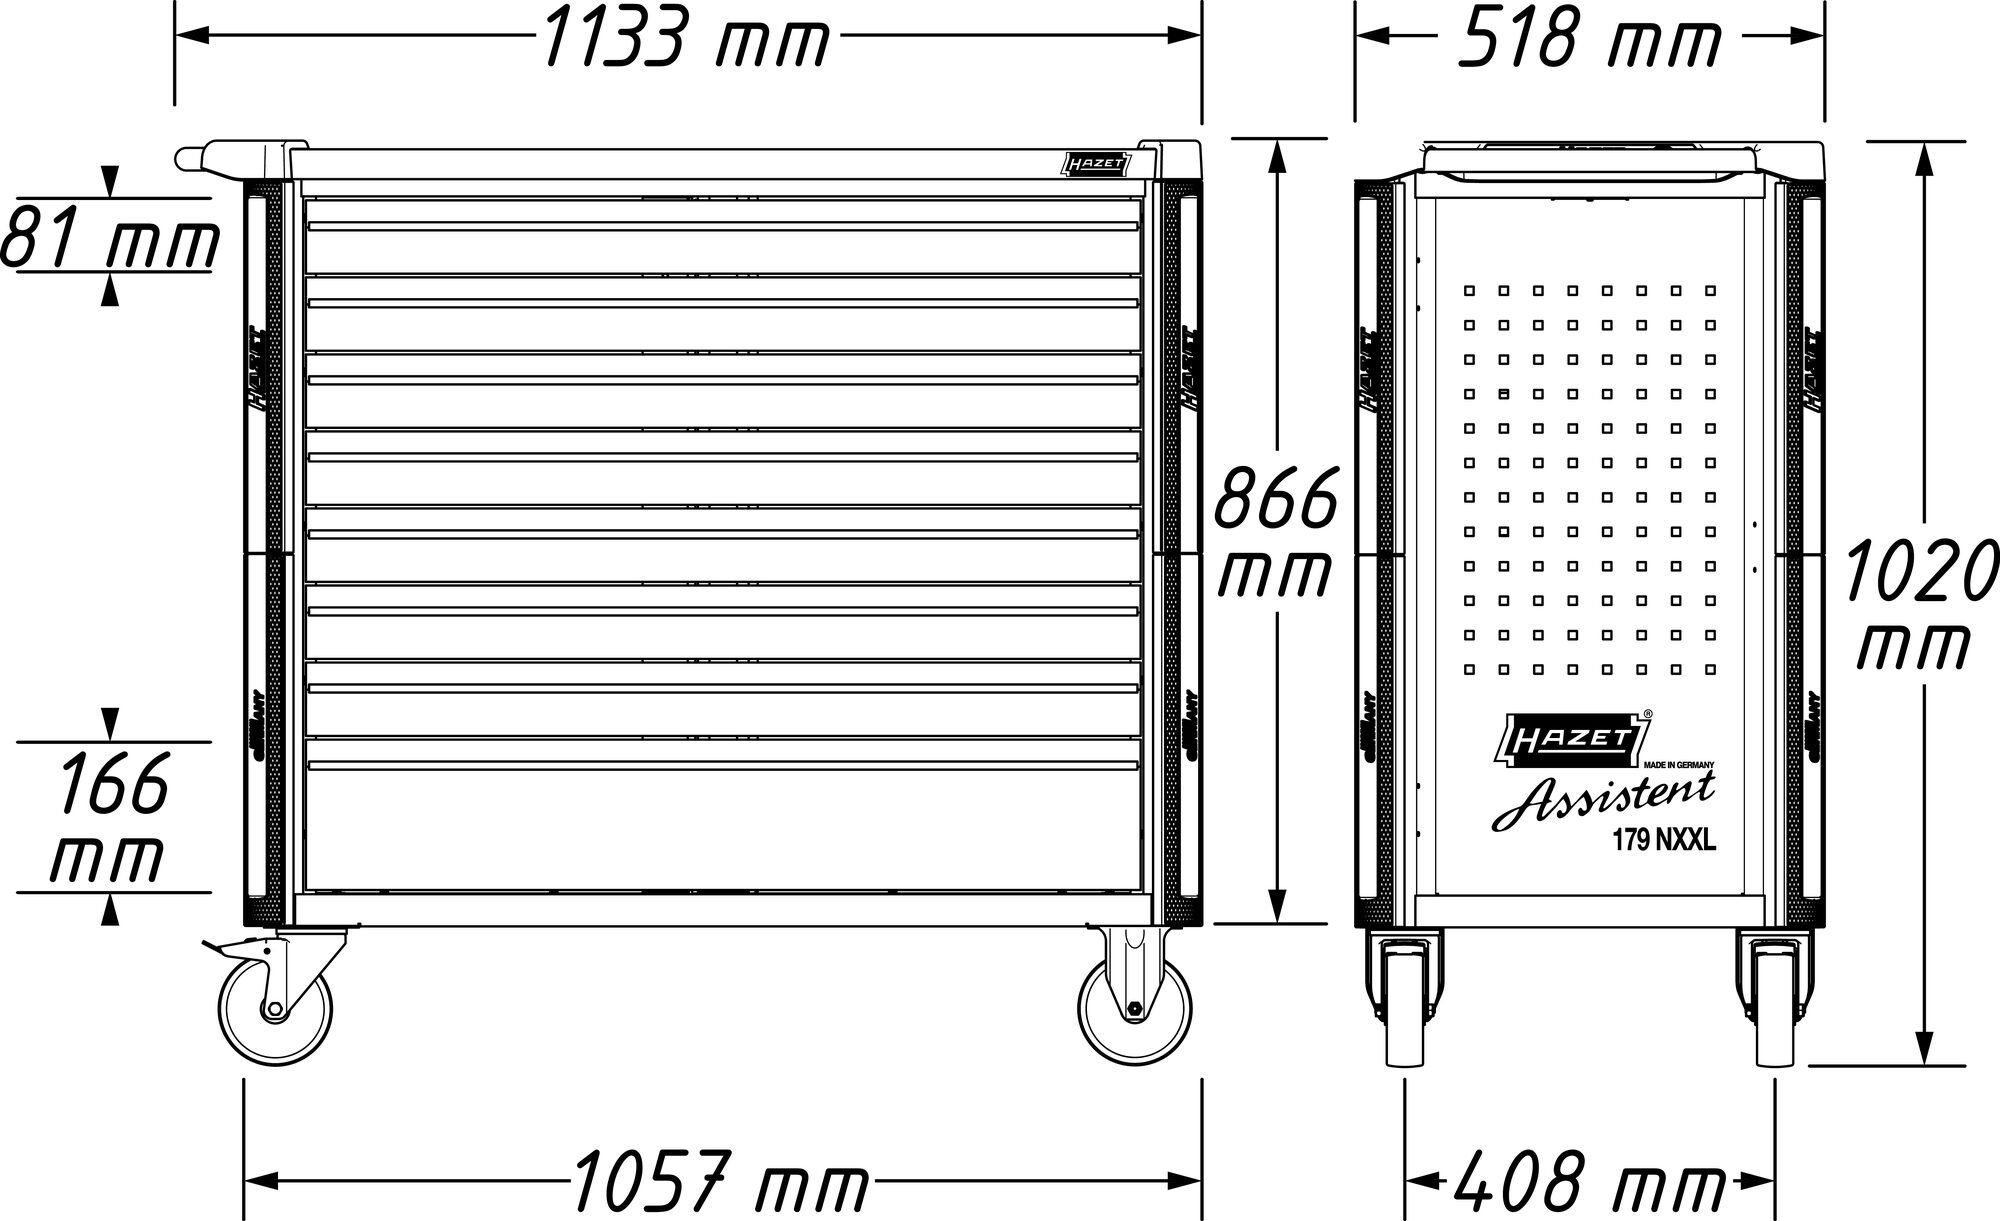 HAZET Werkstattwagen Assistent 179NXXL-8/378 ∙ Schubladen, flach: 7x 81x870x398 mm ∙ Anzahl Werkzeuge: 378